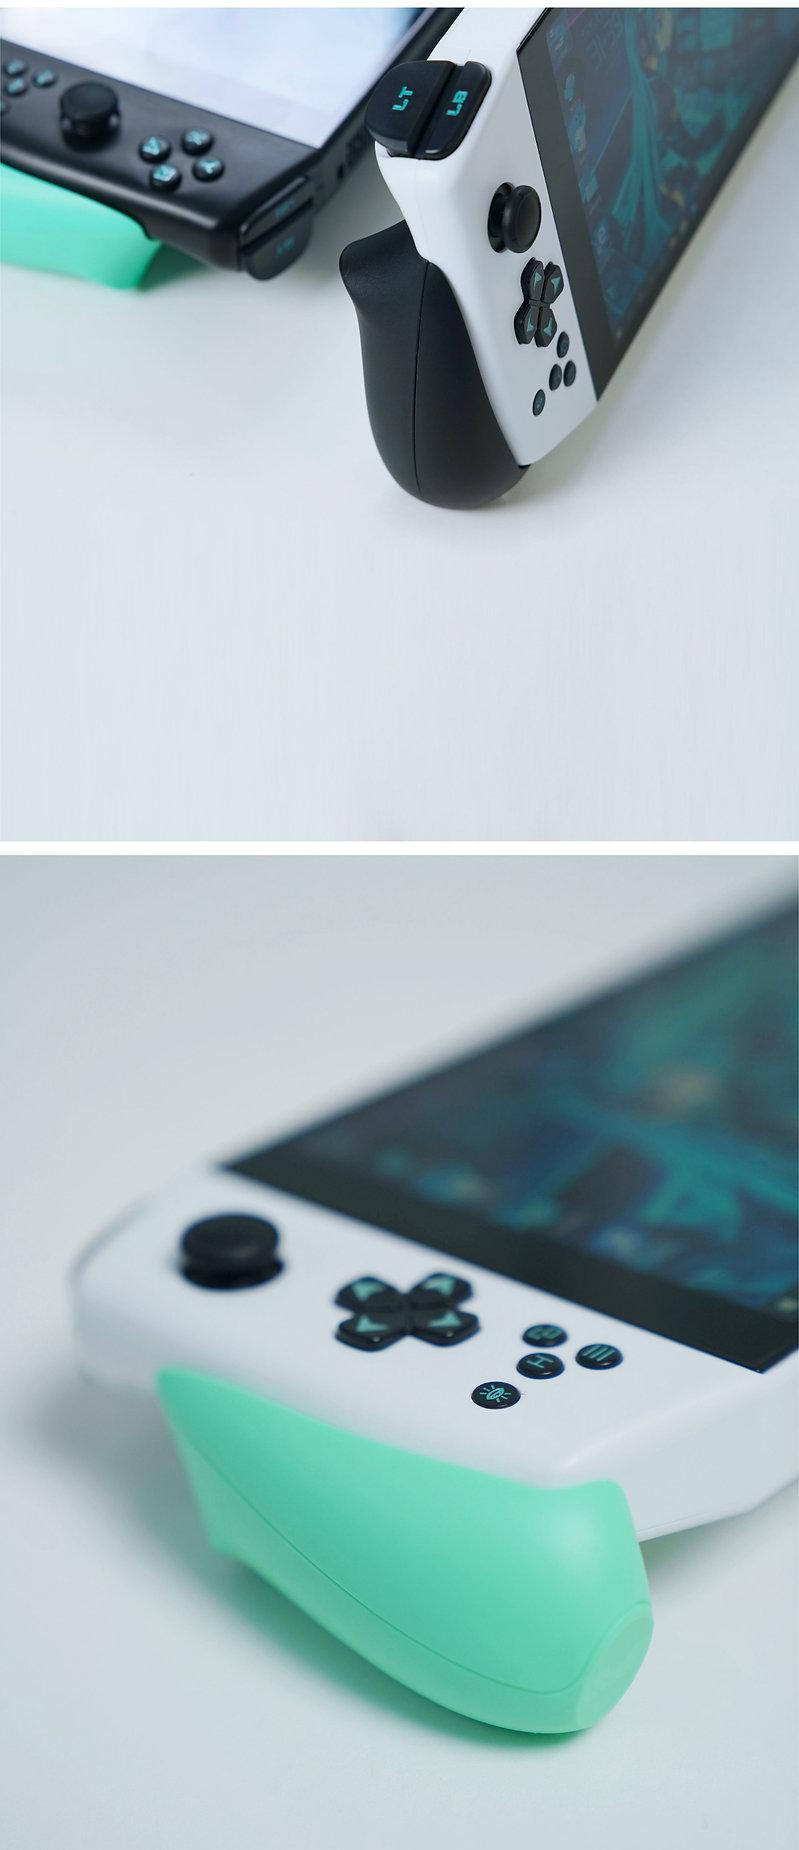 AYANEO-Easy-Grip_5.jpg